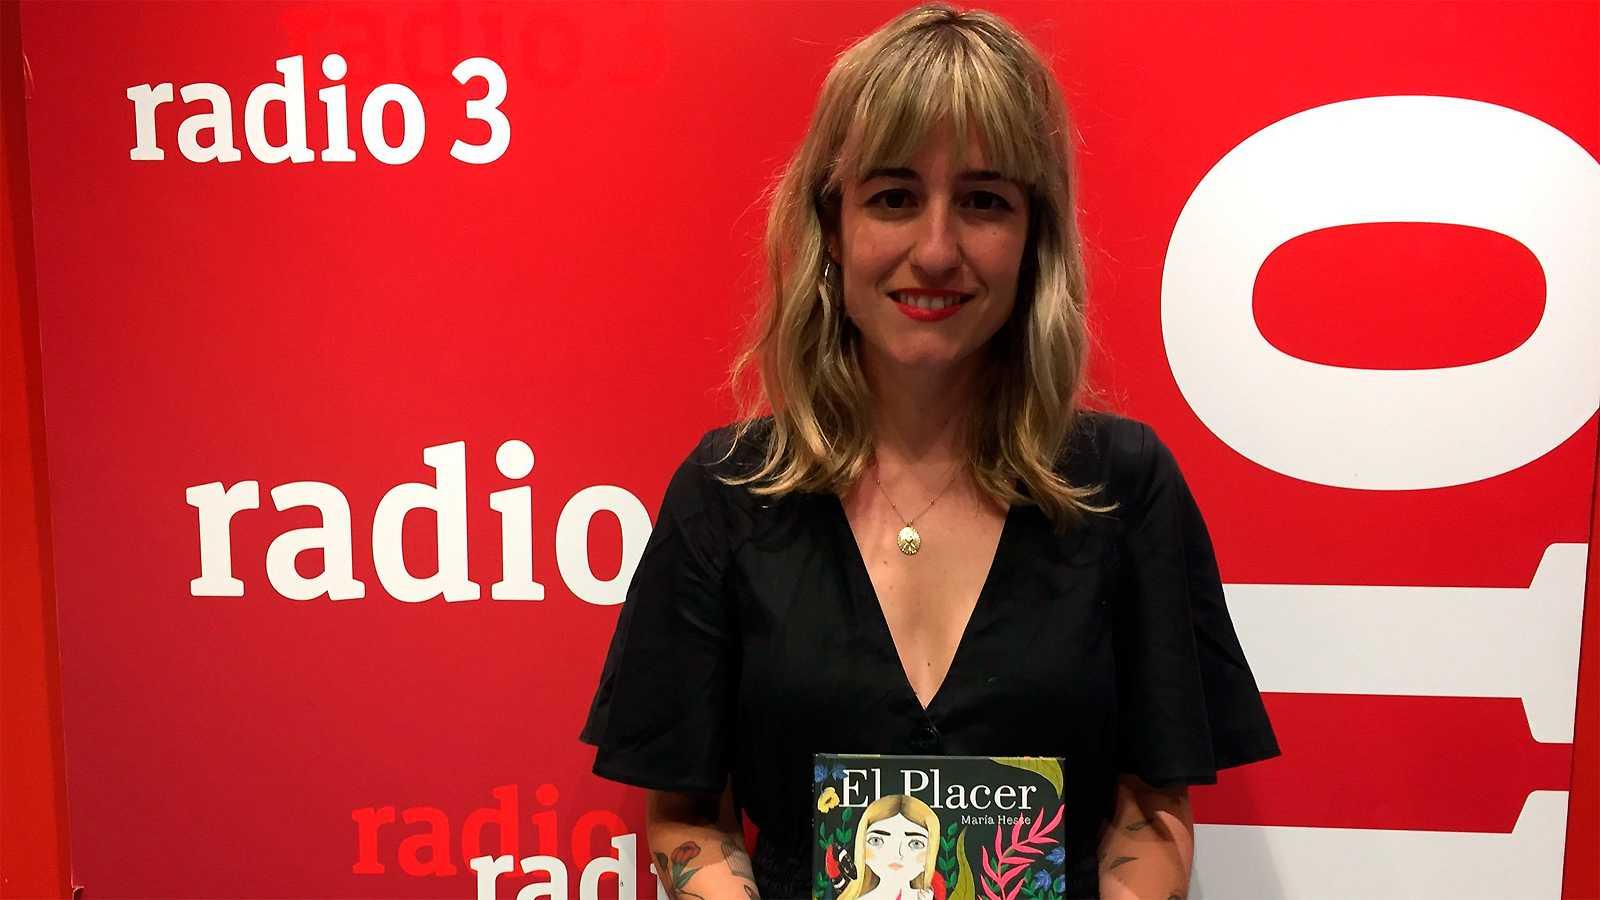 """Efecto Doppler - María Hesse nos invita a conocer """"El placer"""" - 04/09/19 - escuchar ahora"""